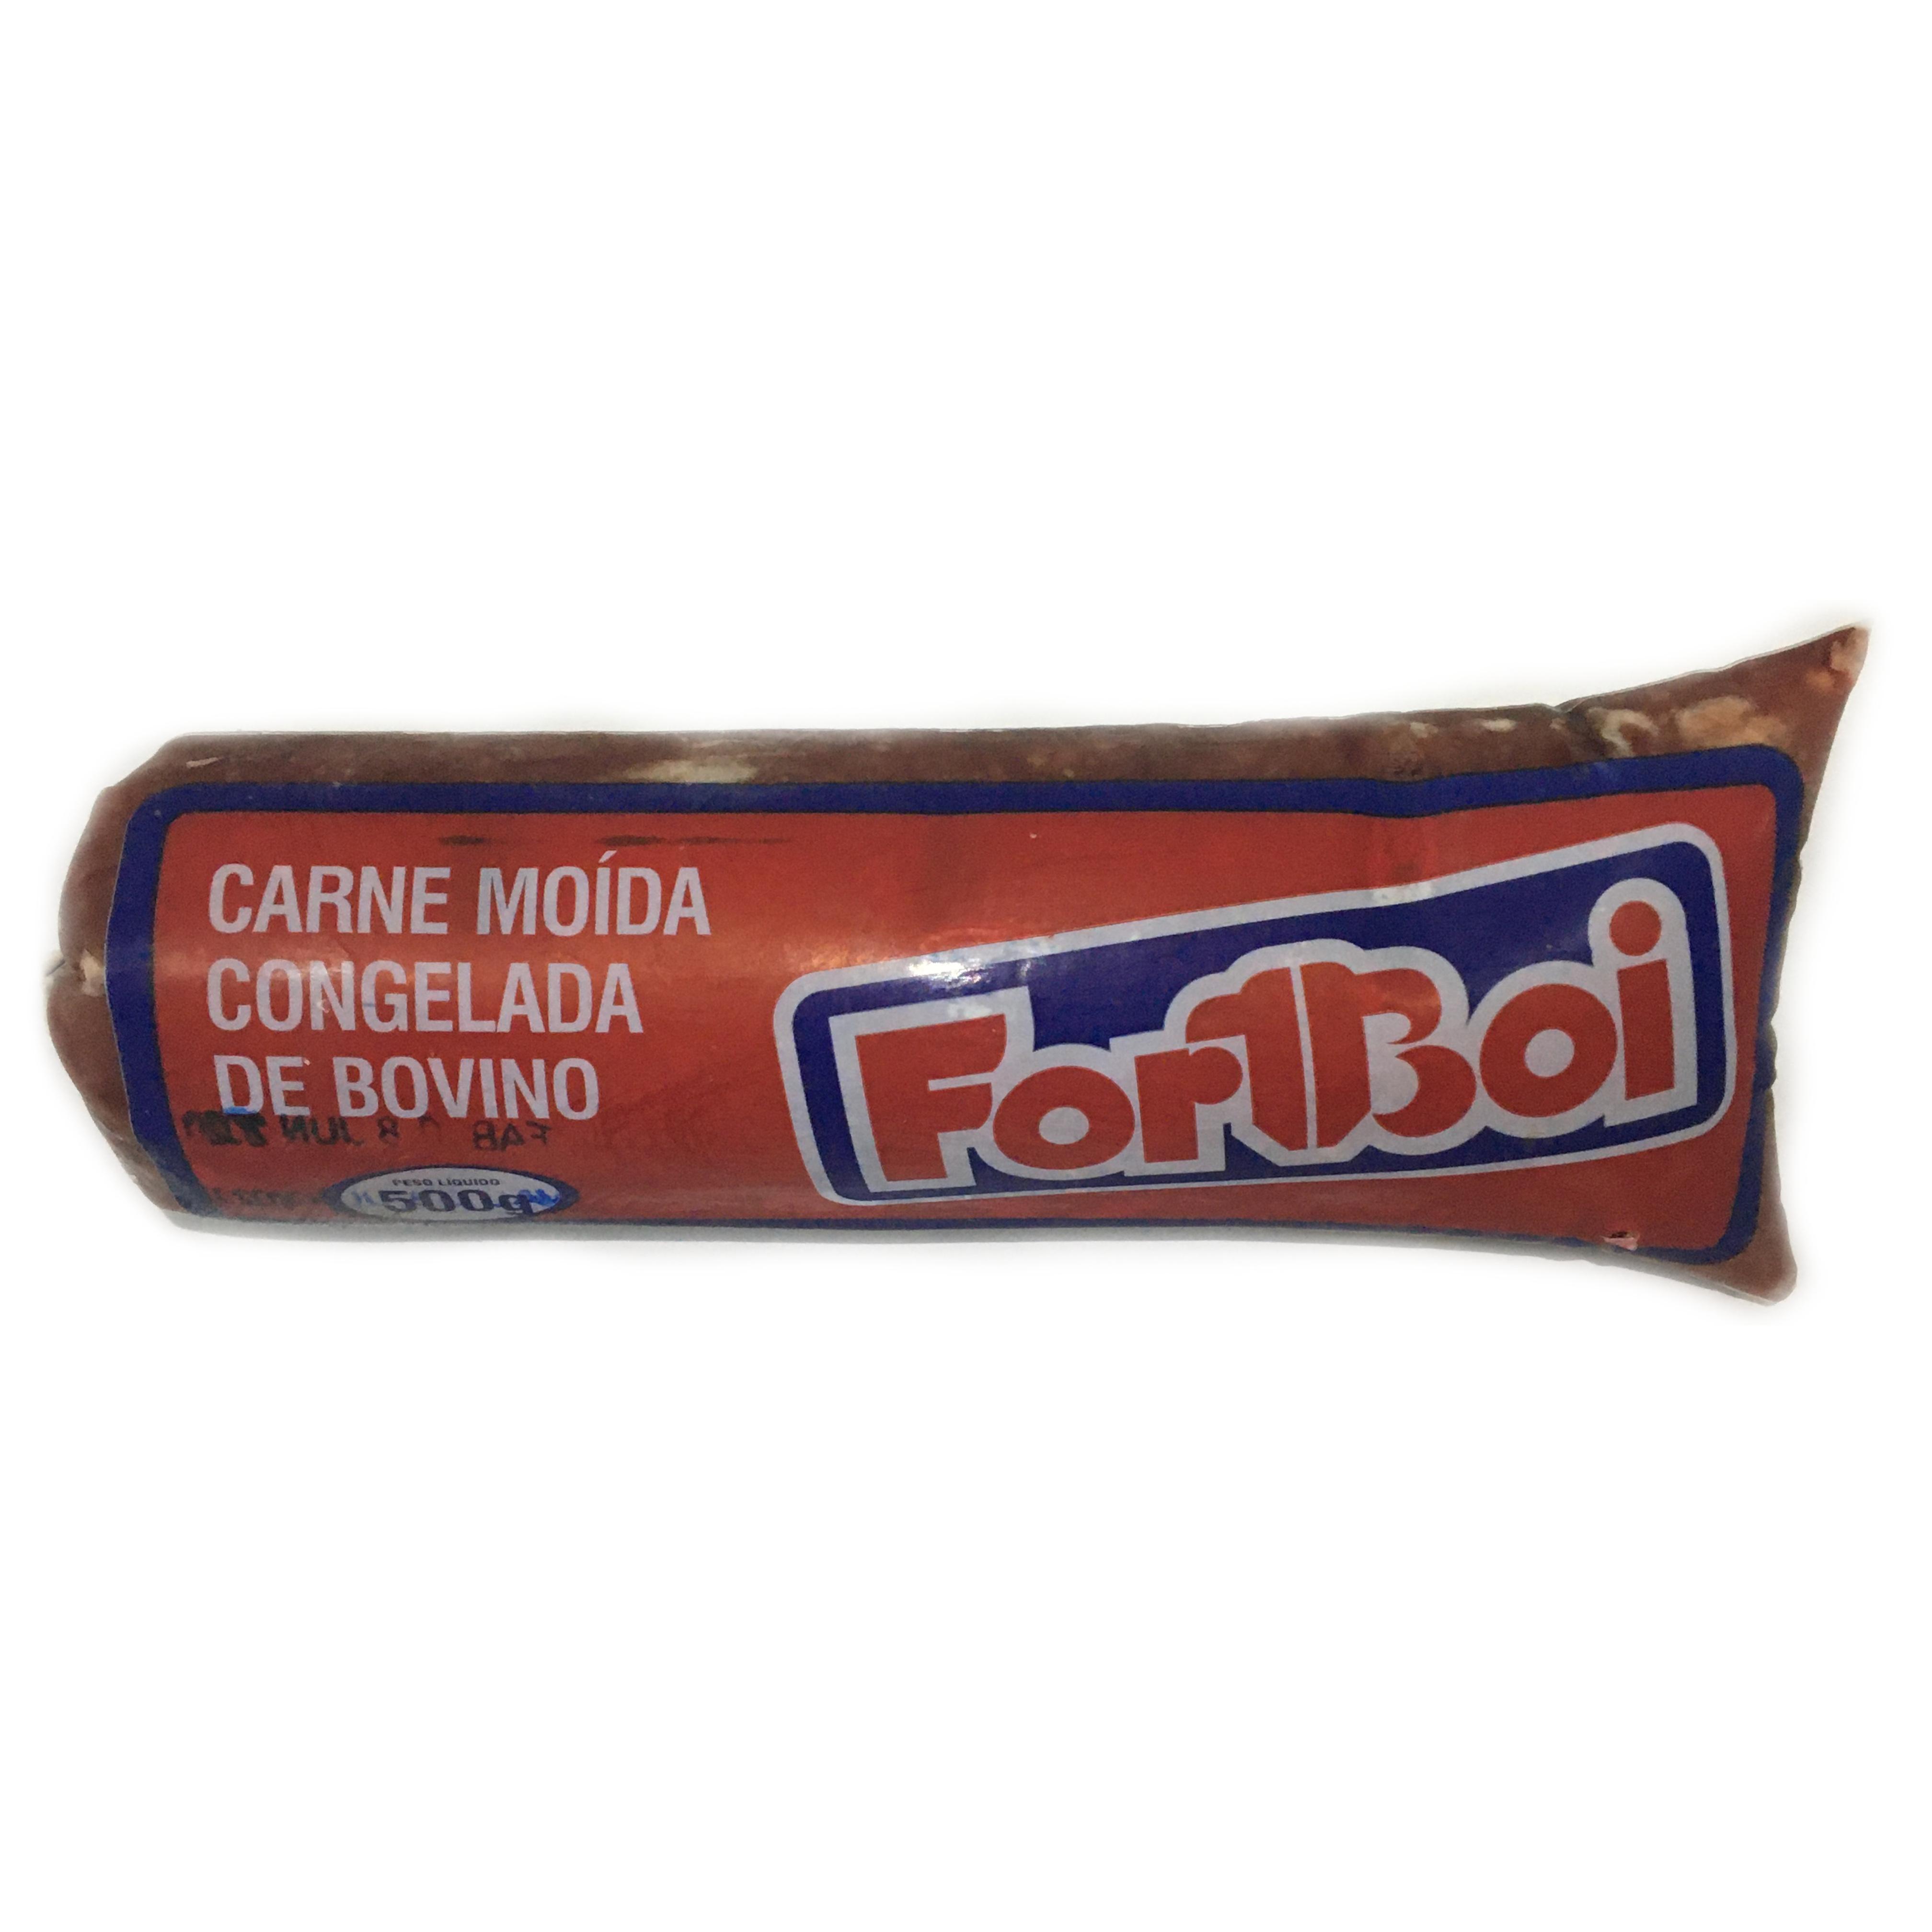 Carne Moída Congelada Fortboi